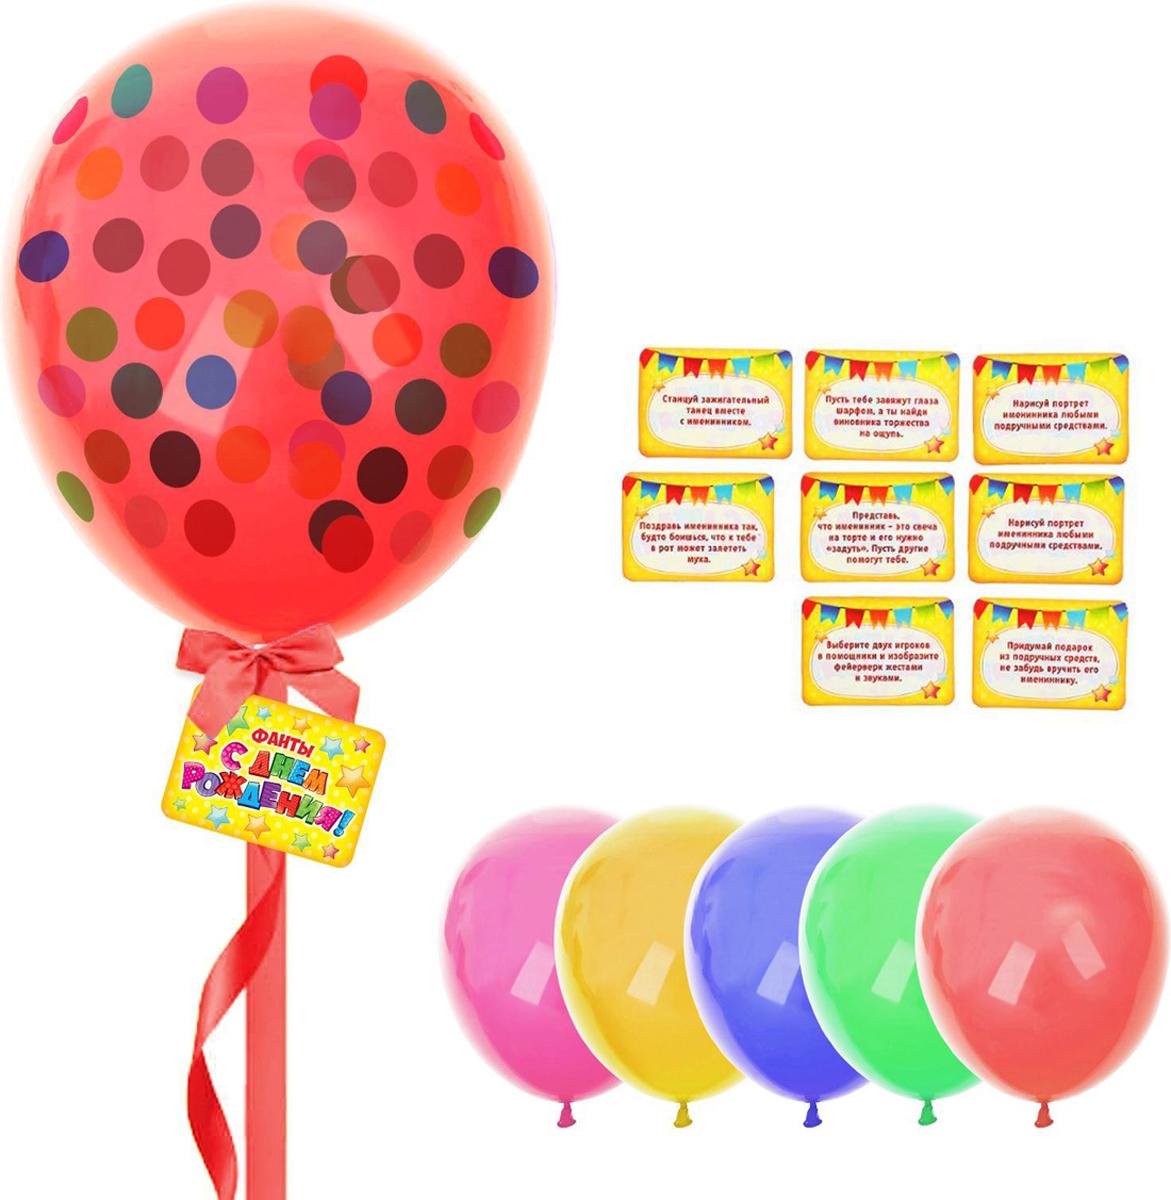 Пожелания к подарку из шариков